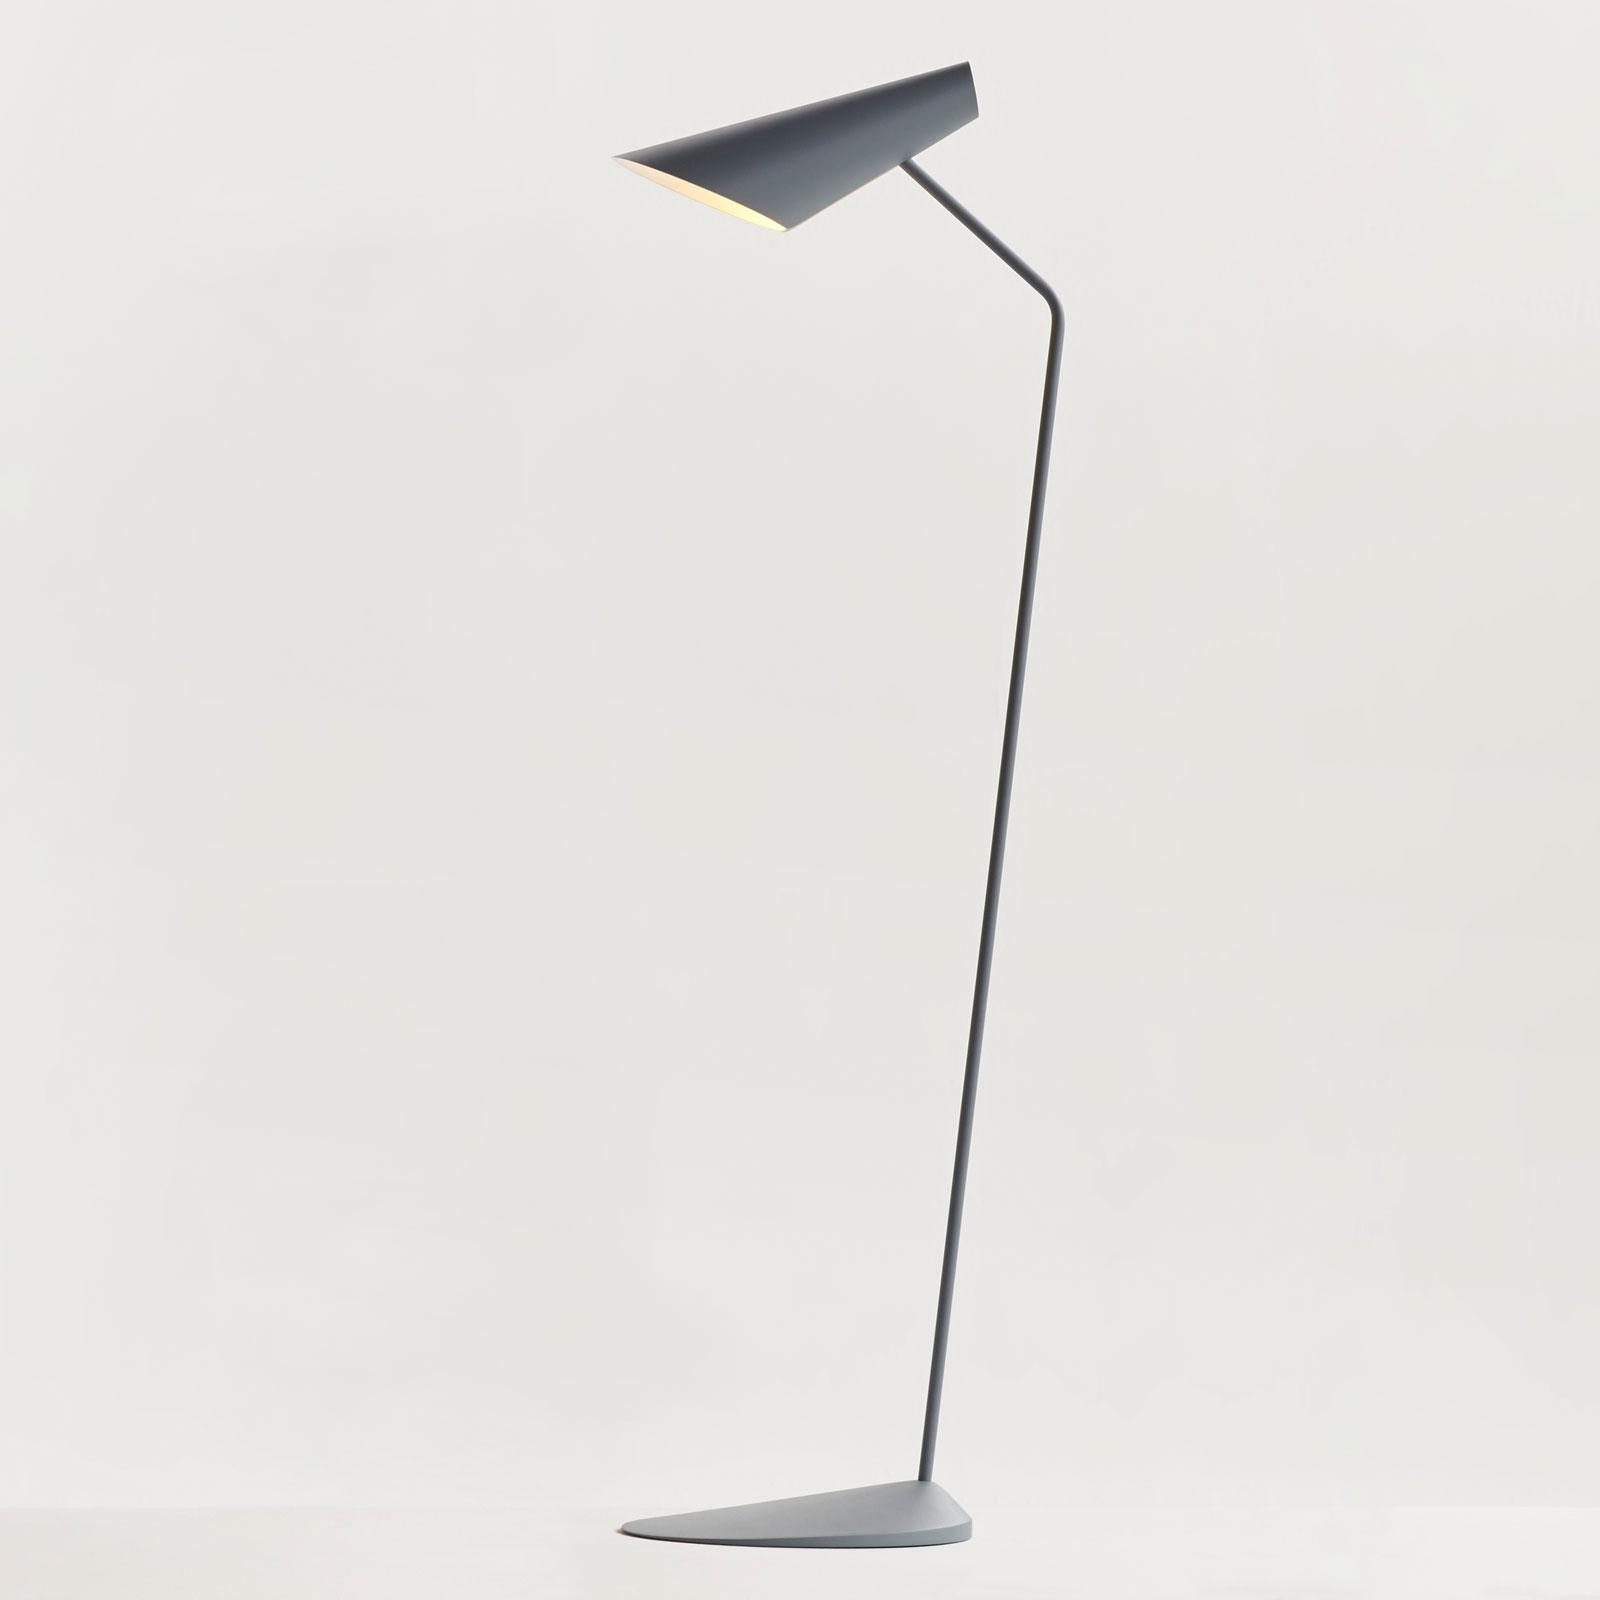 Billede af Vibia I.Cono 0712 designer-standerlampe, blå